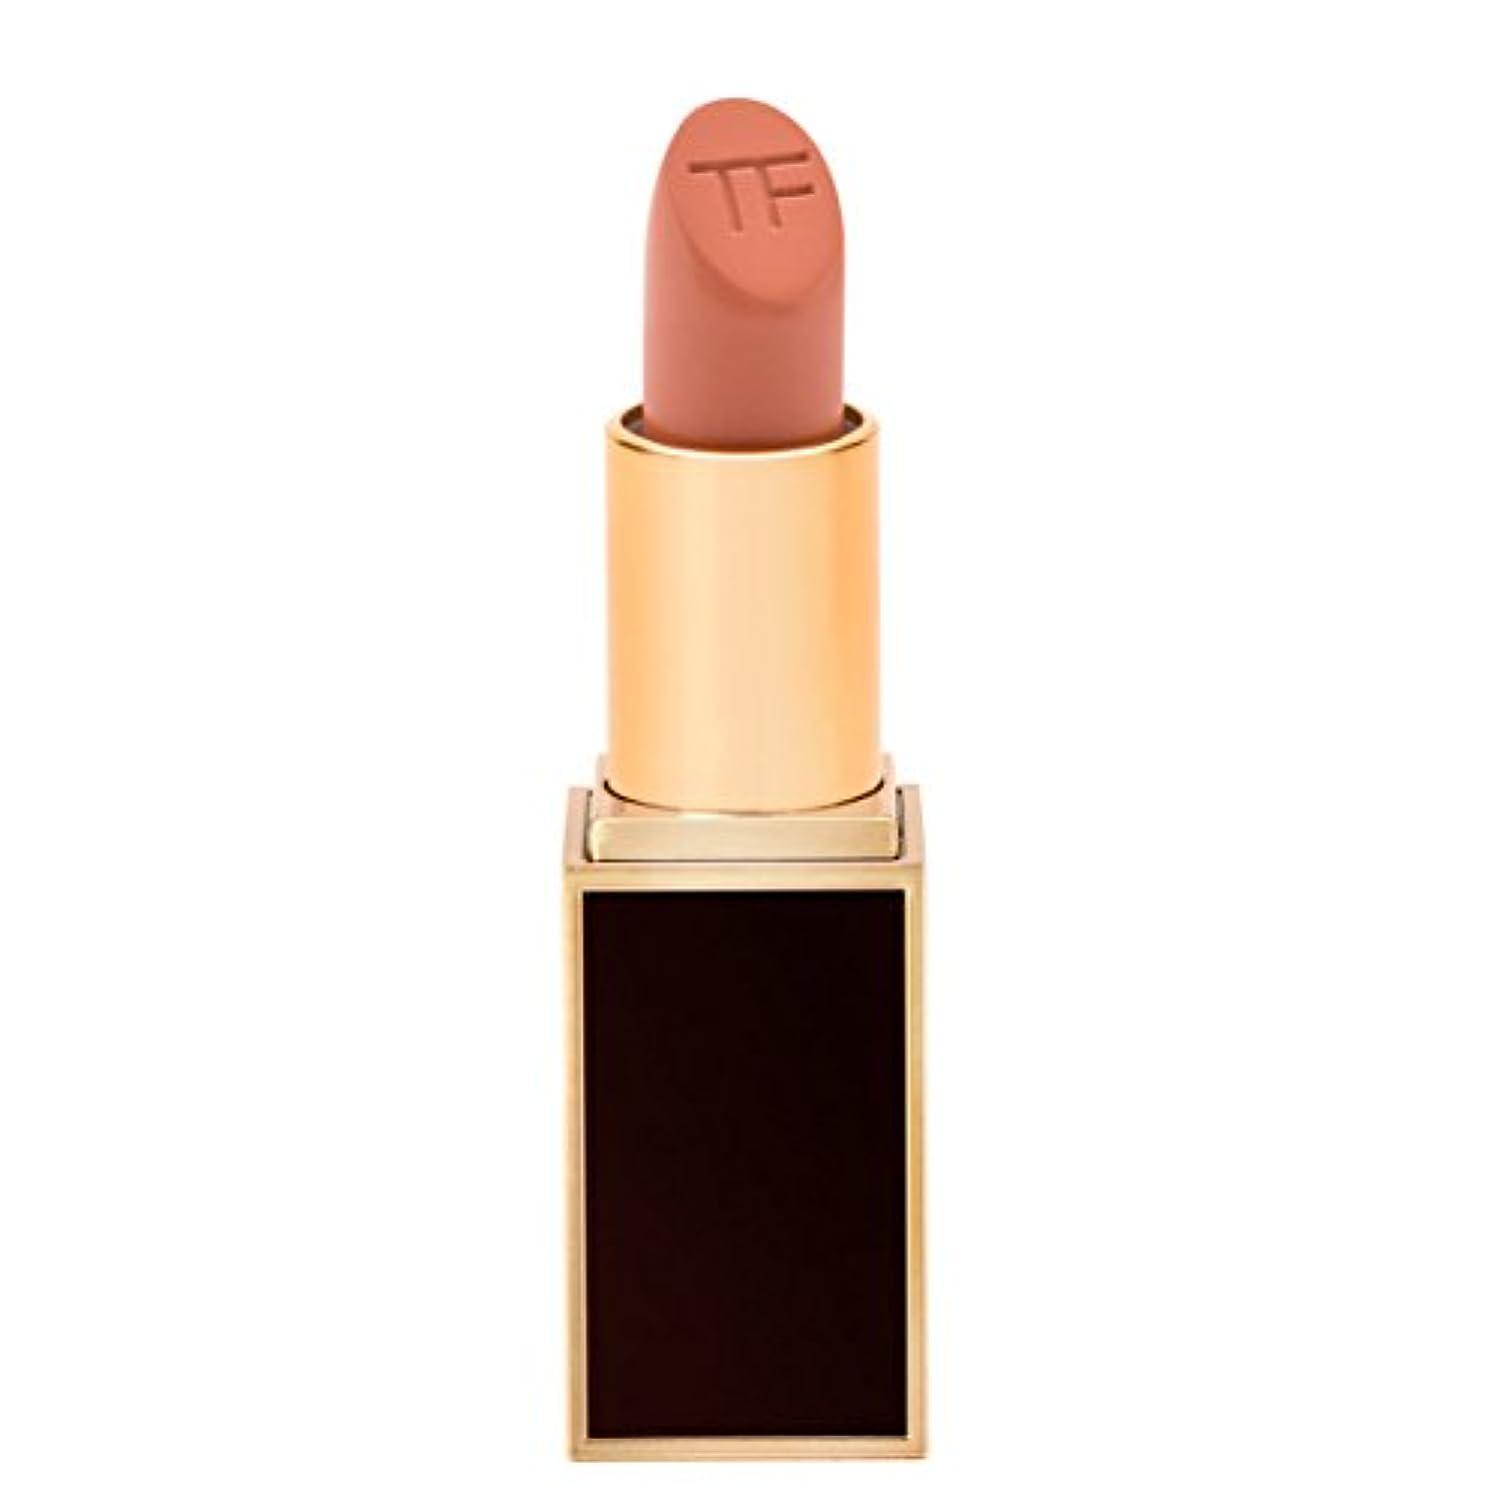 アルネパドルホールトム フォード Lip Color - # 59 Erogenous 3g/0.1oz並行輸入品